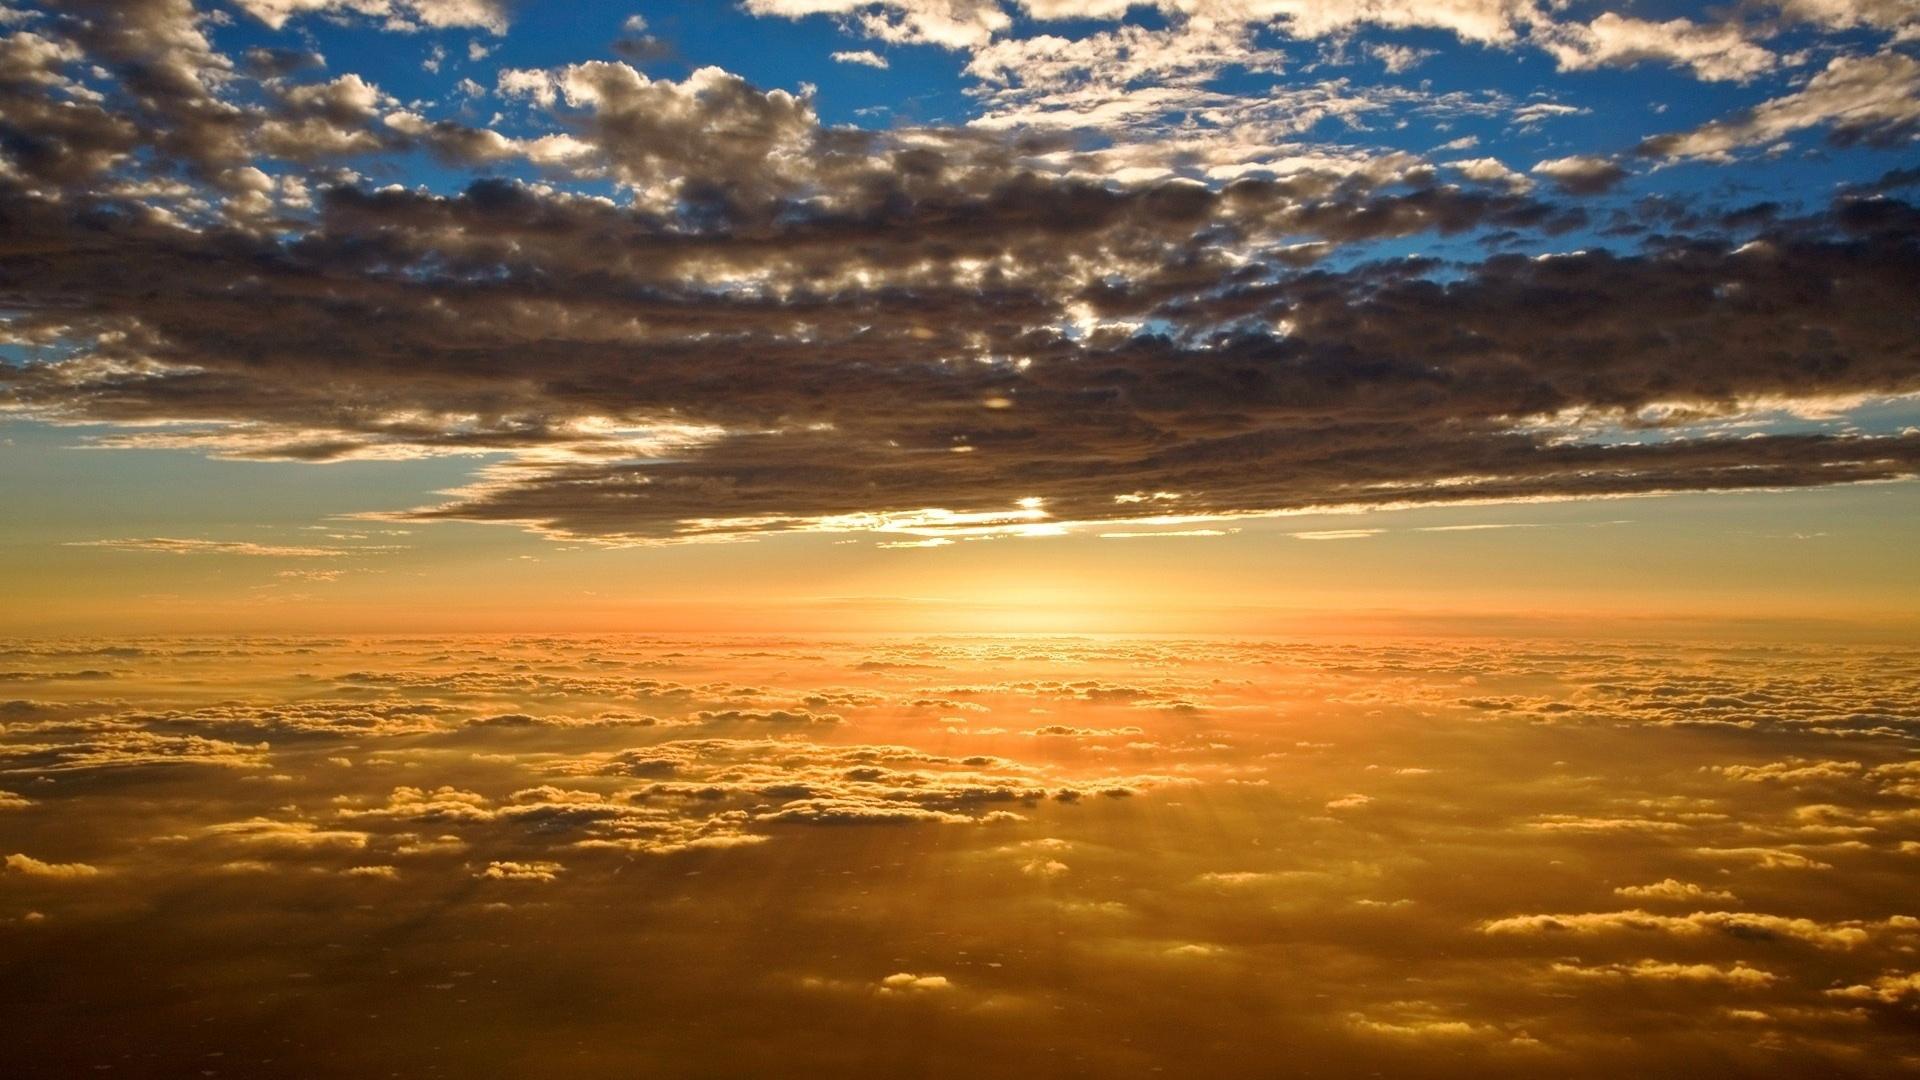 Картинки бескрайнего неба